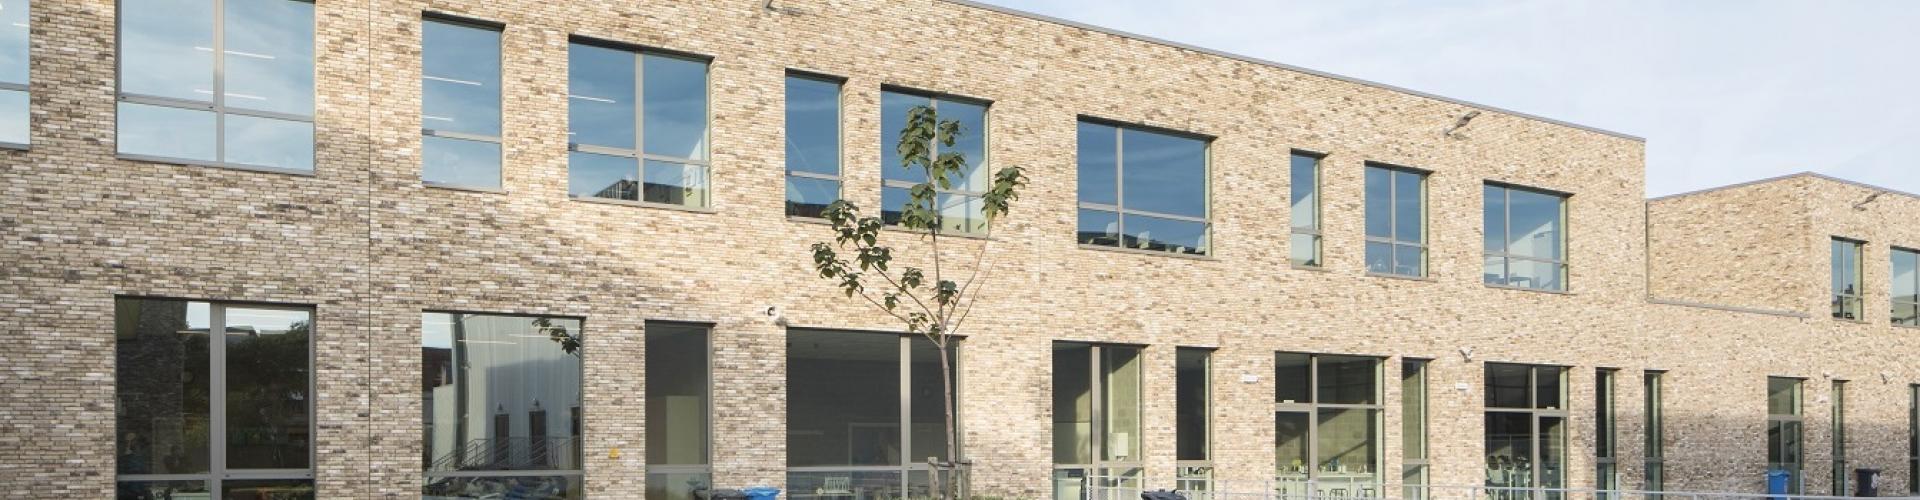 kOsh Campus Ieperstraat Herentals